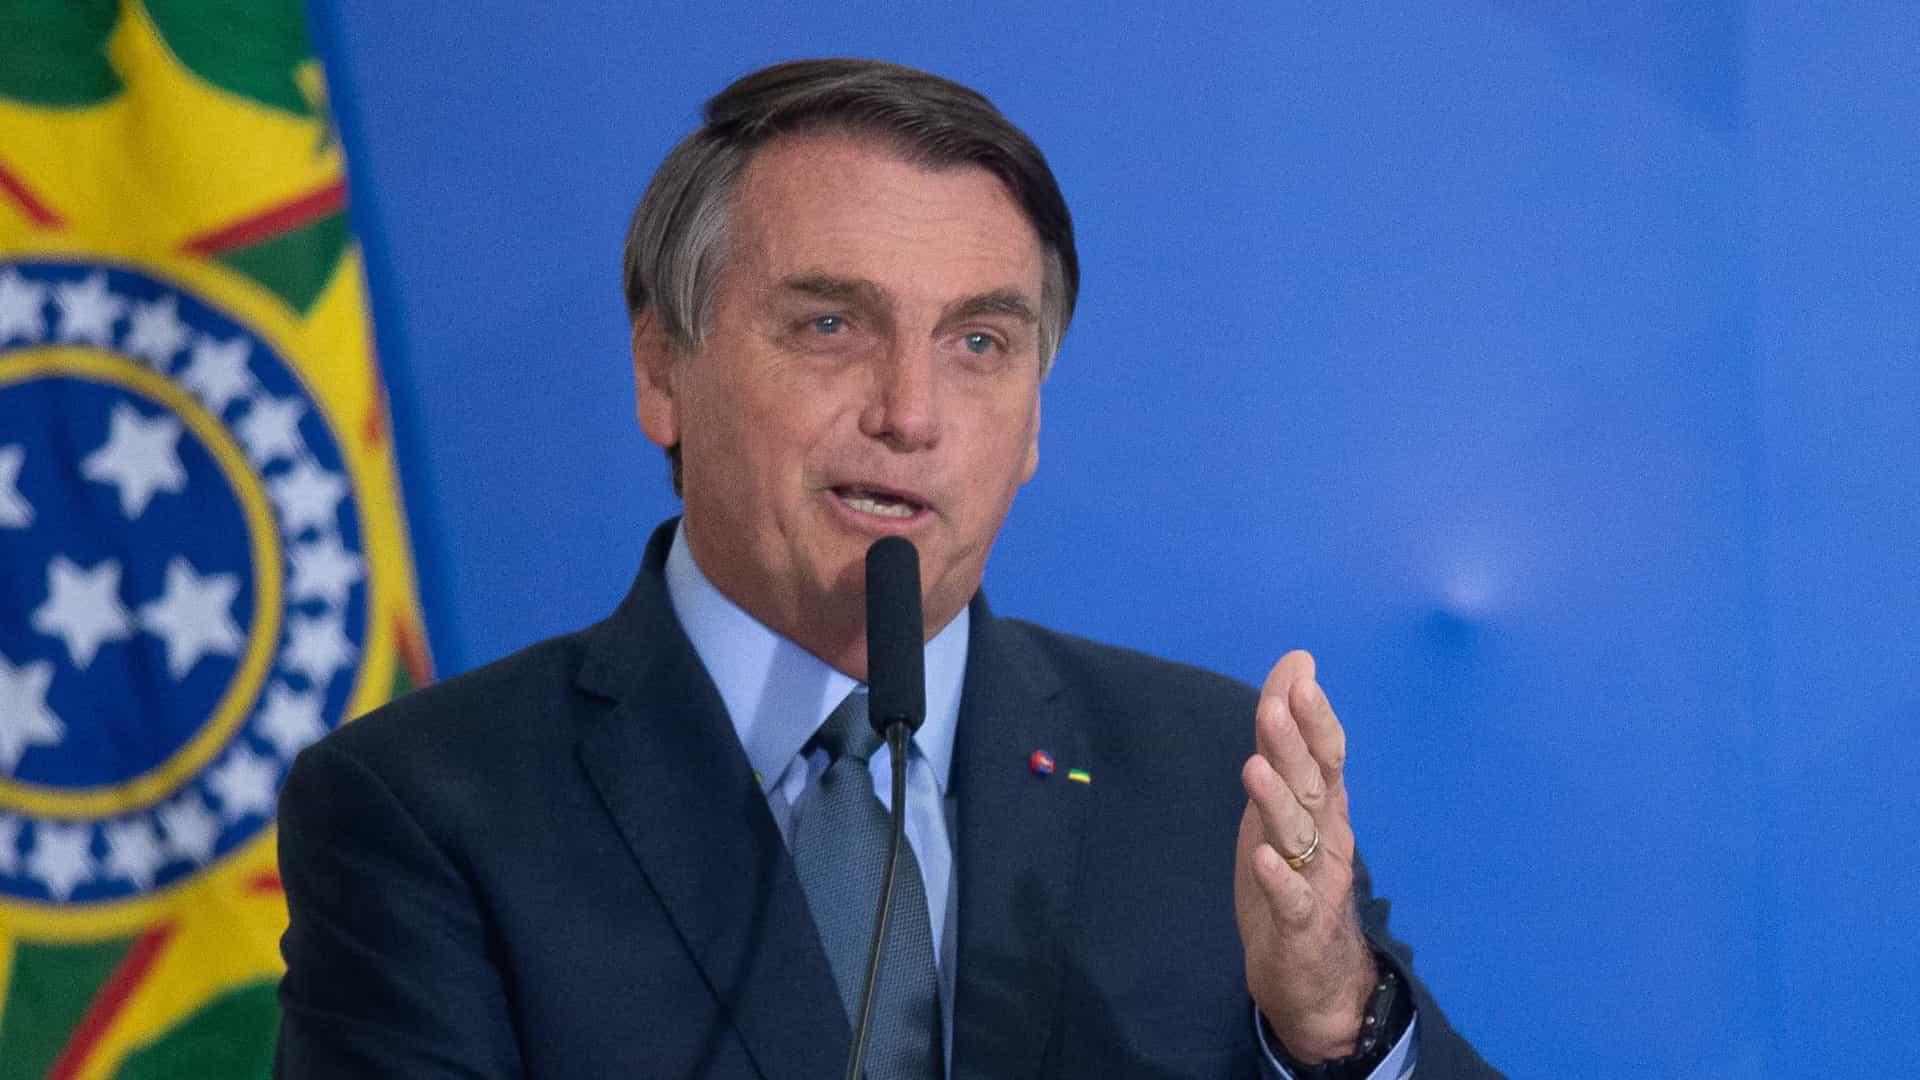 naom 5f771b1f55616 - Redes e ministros já encarnam projeto de Bolsonaro para 2022